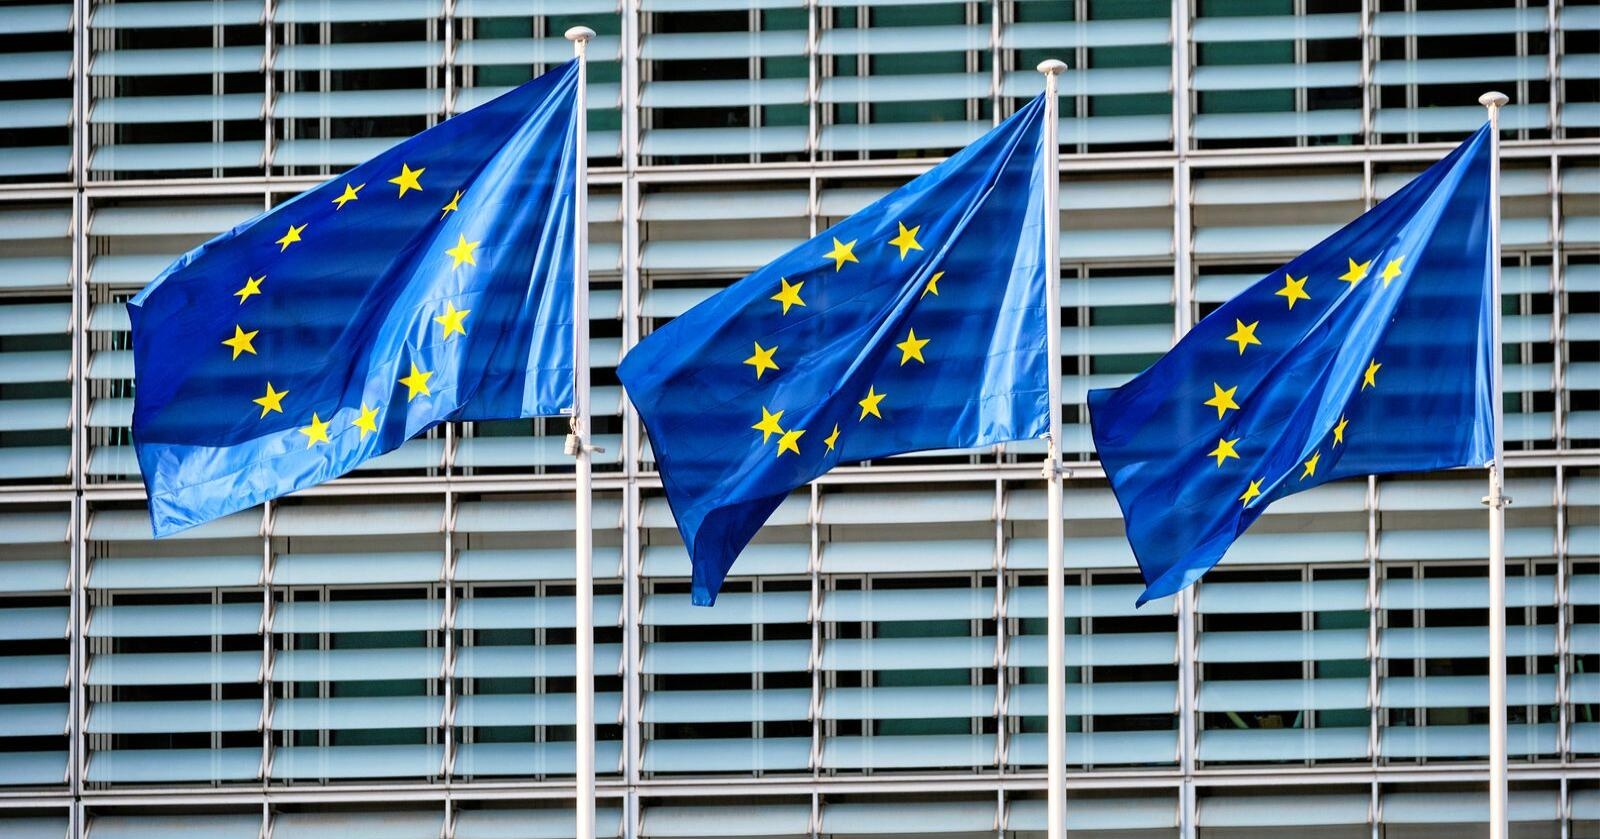 EU-flagg som vaier i vinden utenfor Europakommisjonen har sitt hovedkontor i Brüssel. Foto: Mostphotos / Dmitry Rukhlenko